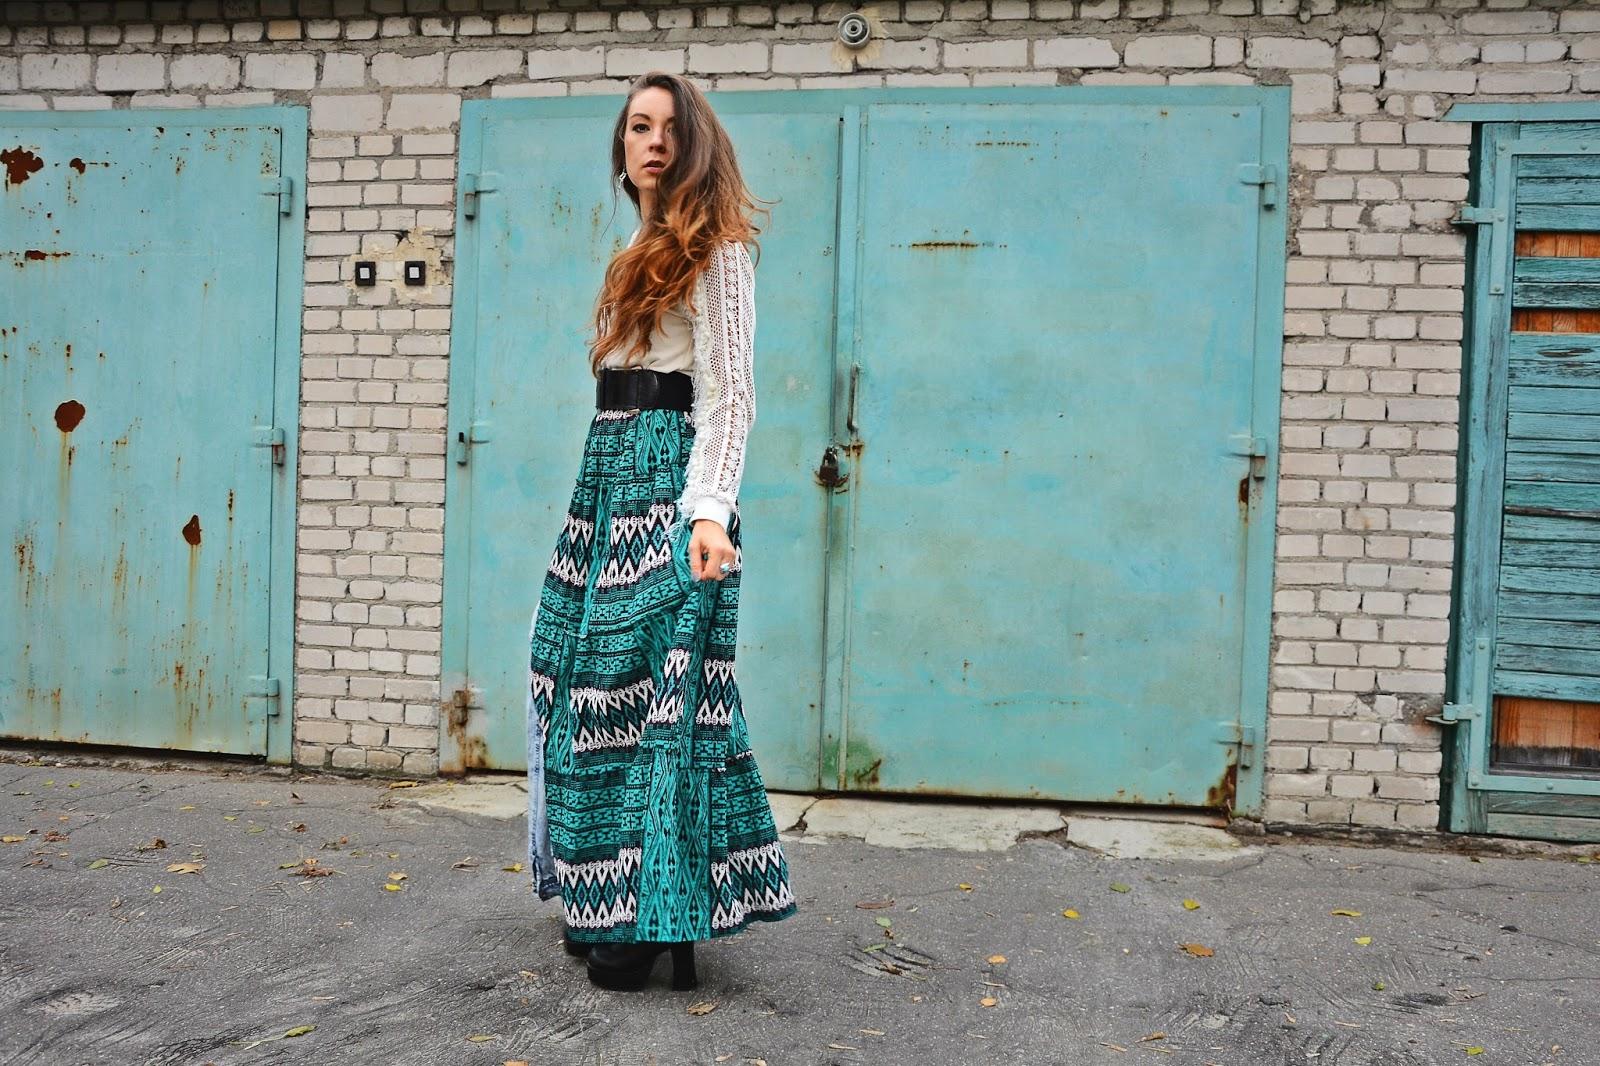 Boho girl in turquoise skirt